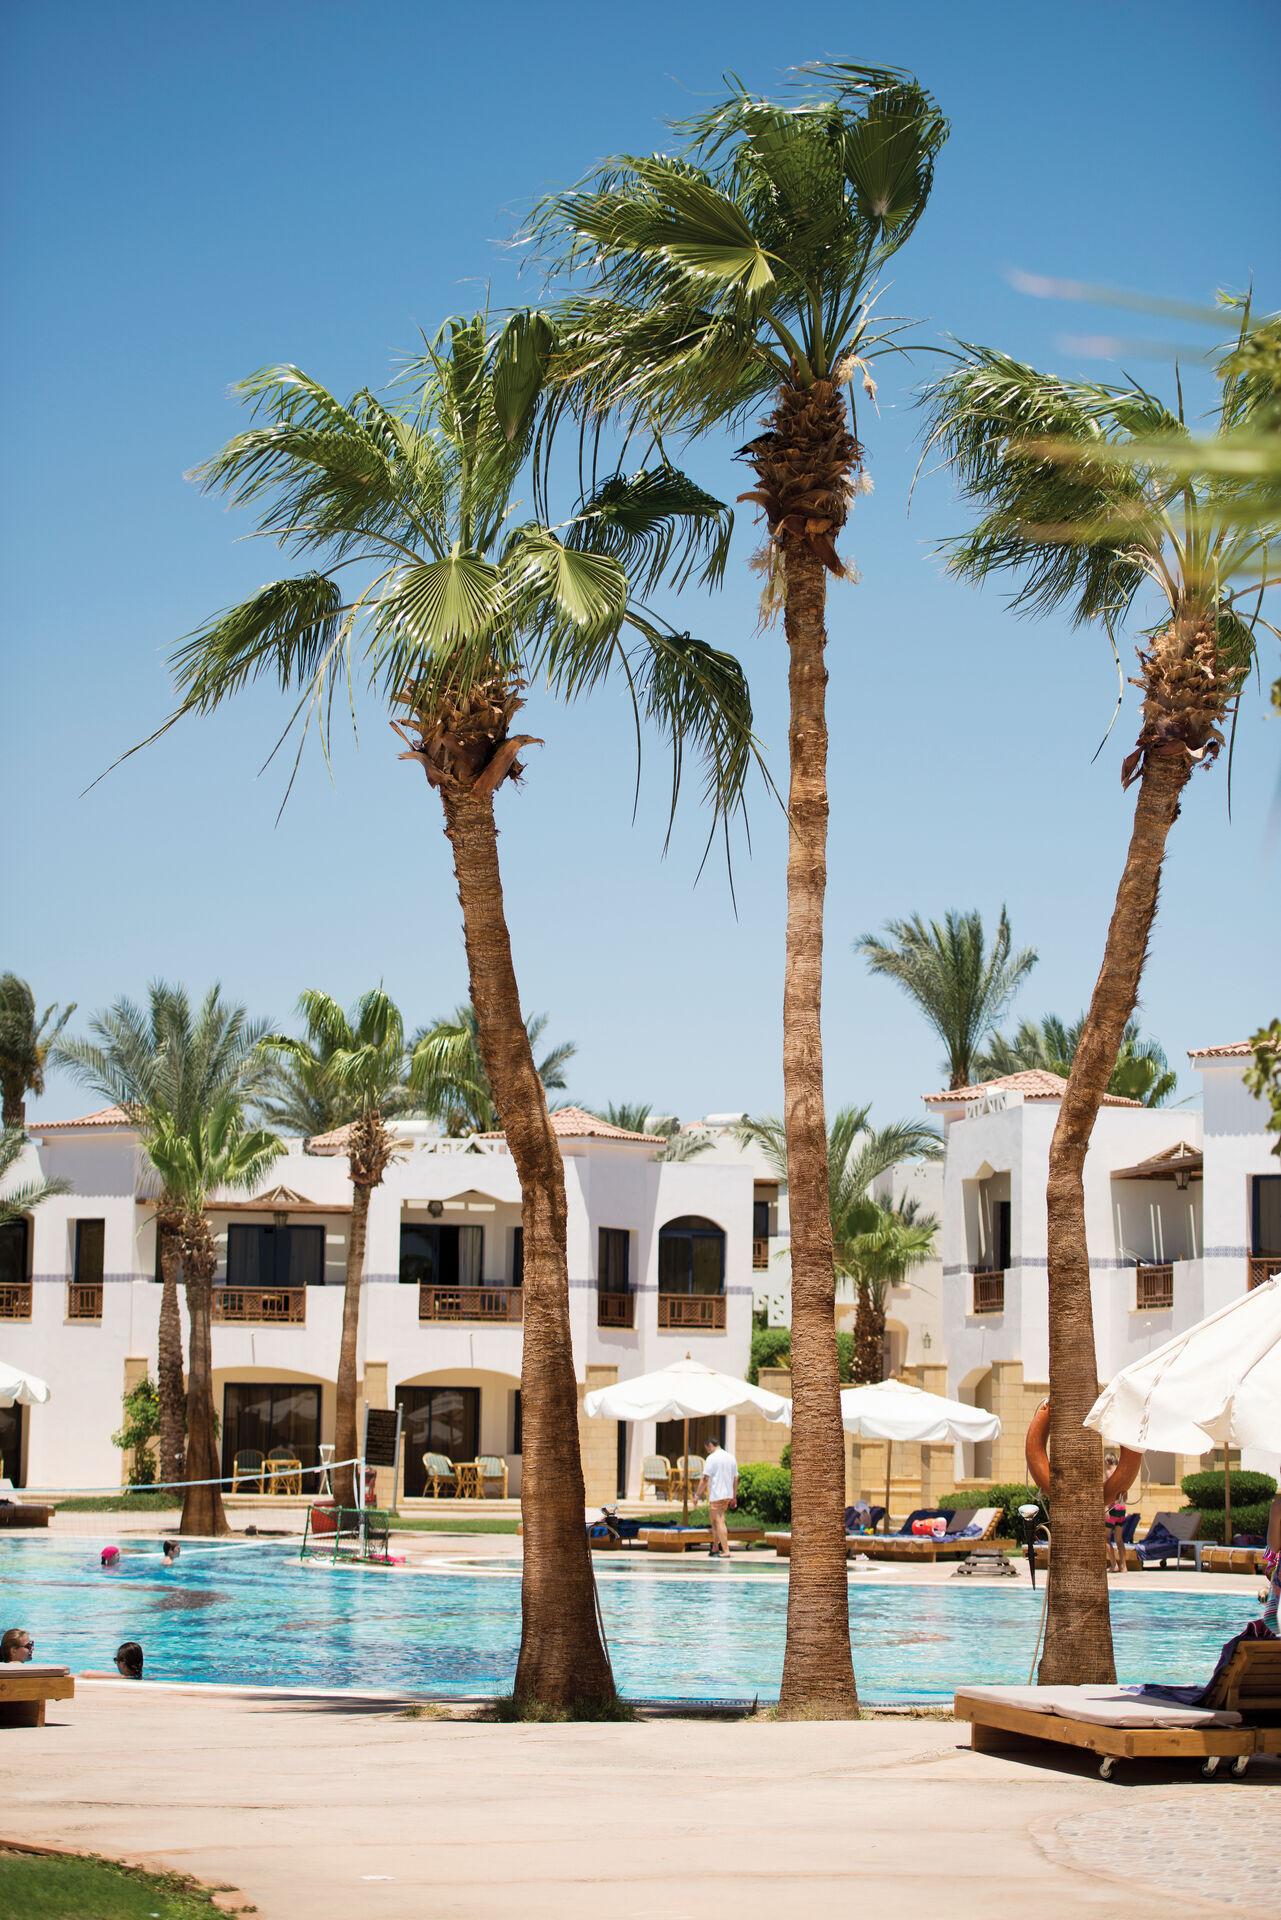 Hotel Otium Amphoras